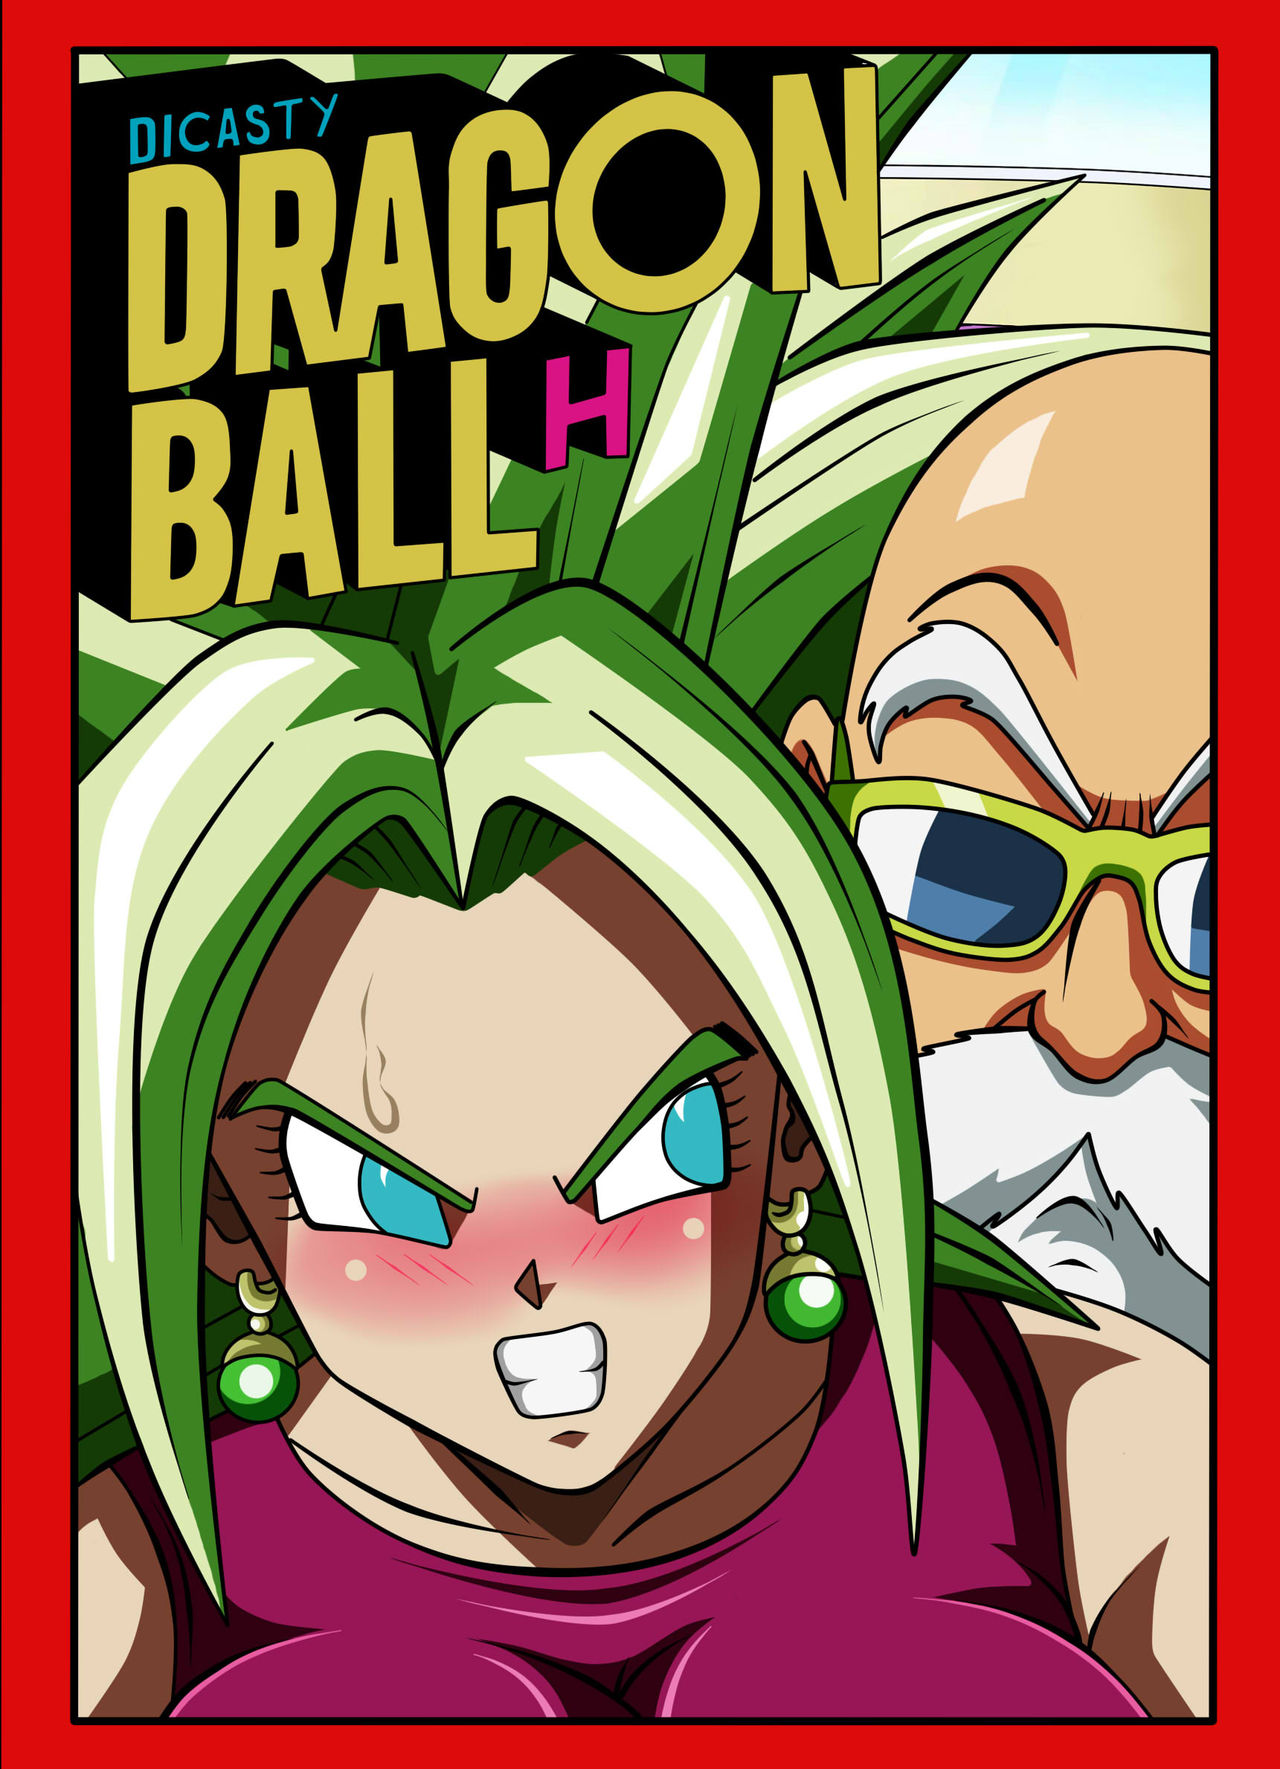 Porno de dragon ball